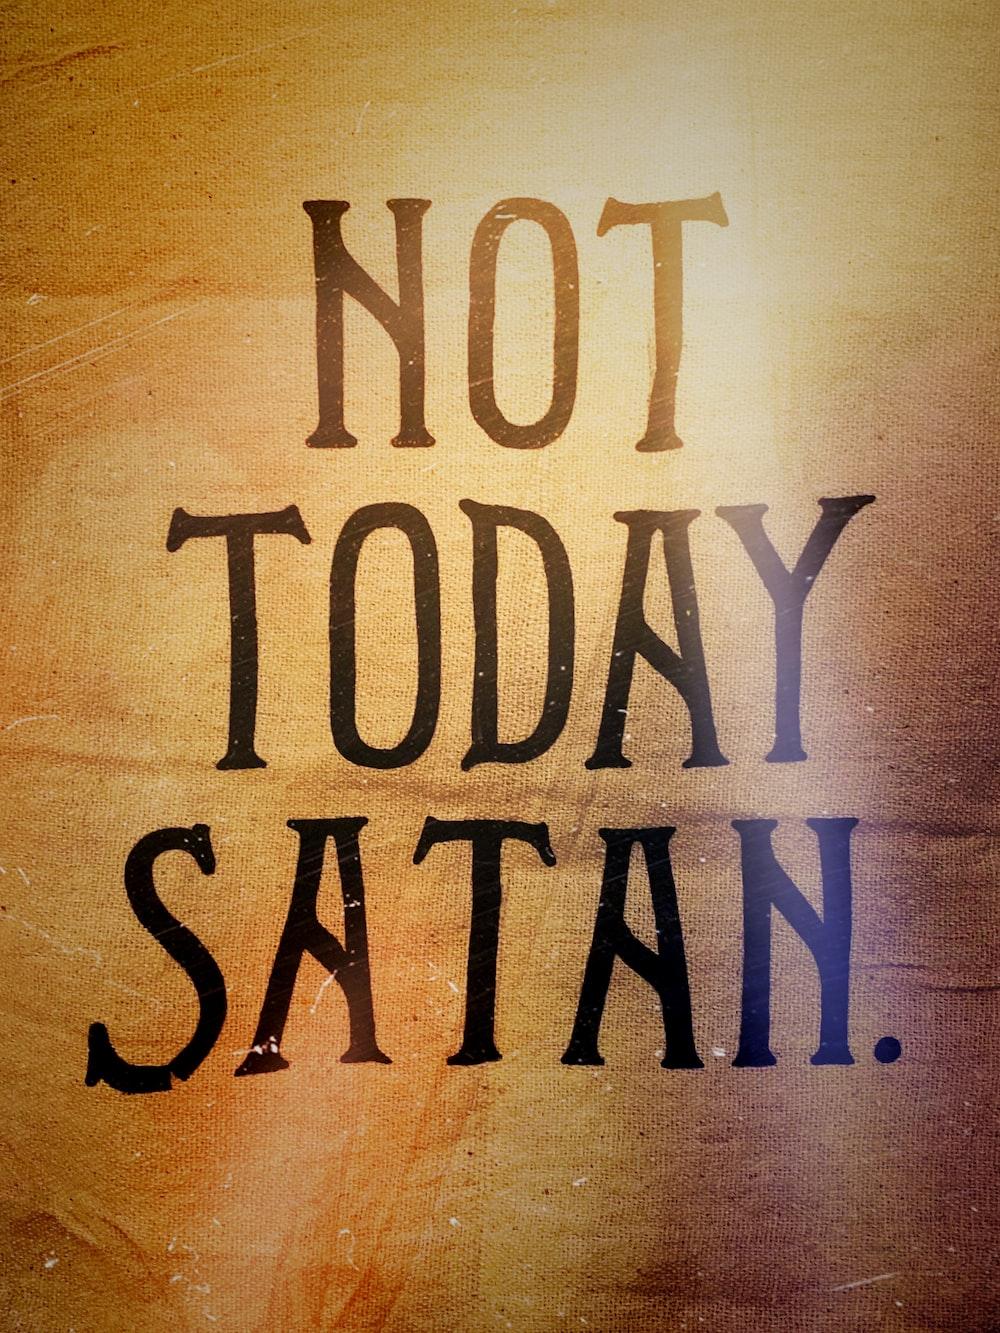 not today satan text